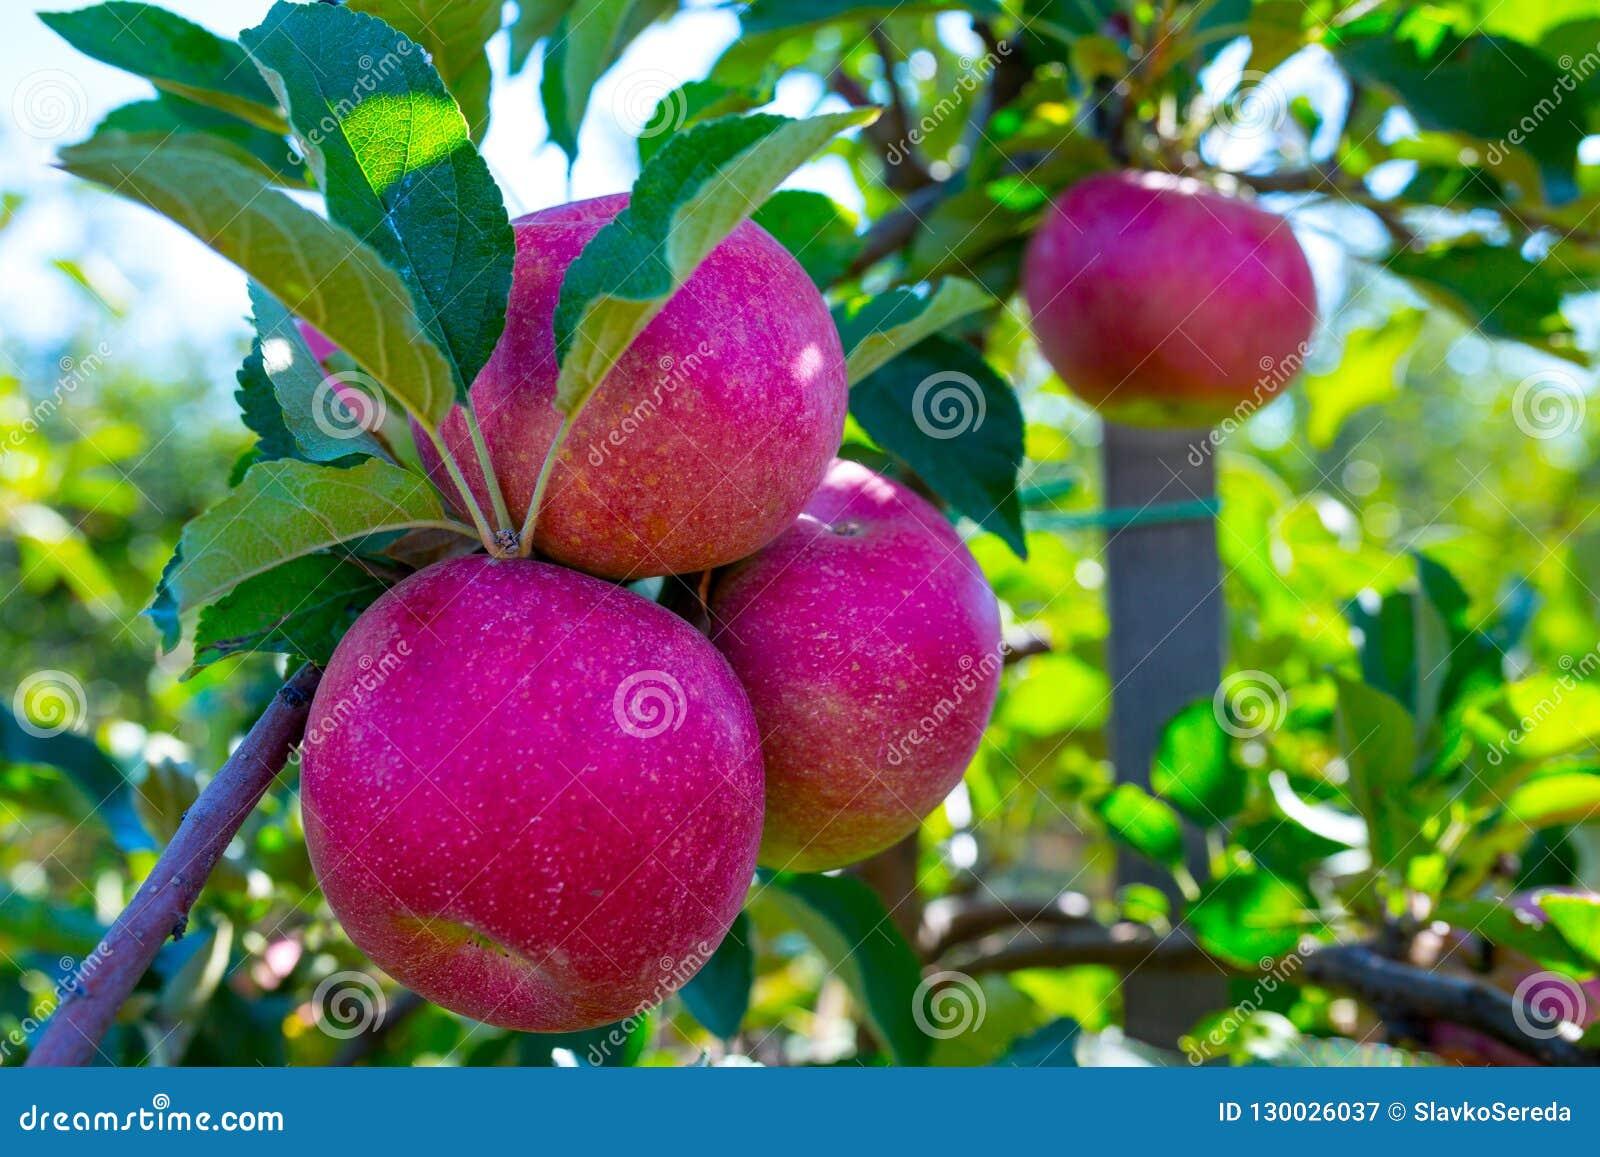 Reife Früchte von roten Äpfeln auf den Niederlassungen von jungen Apfelbäumen